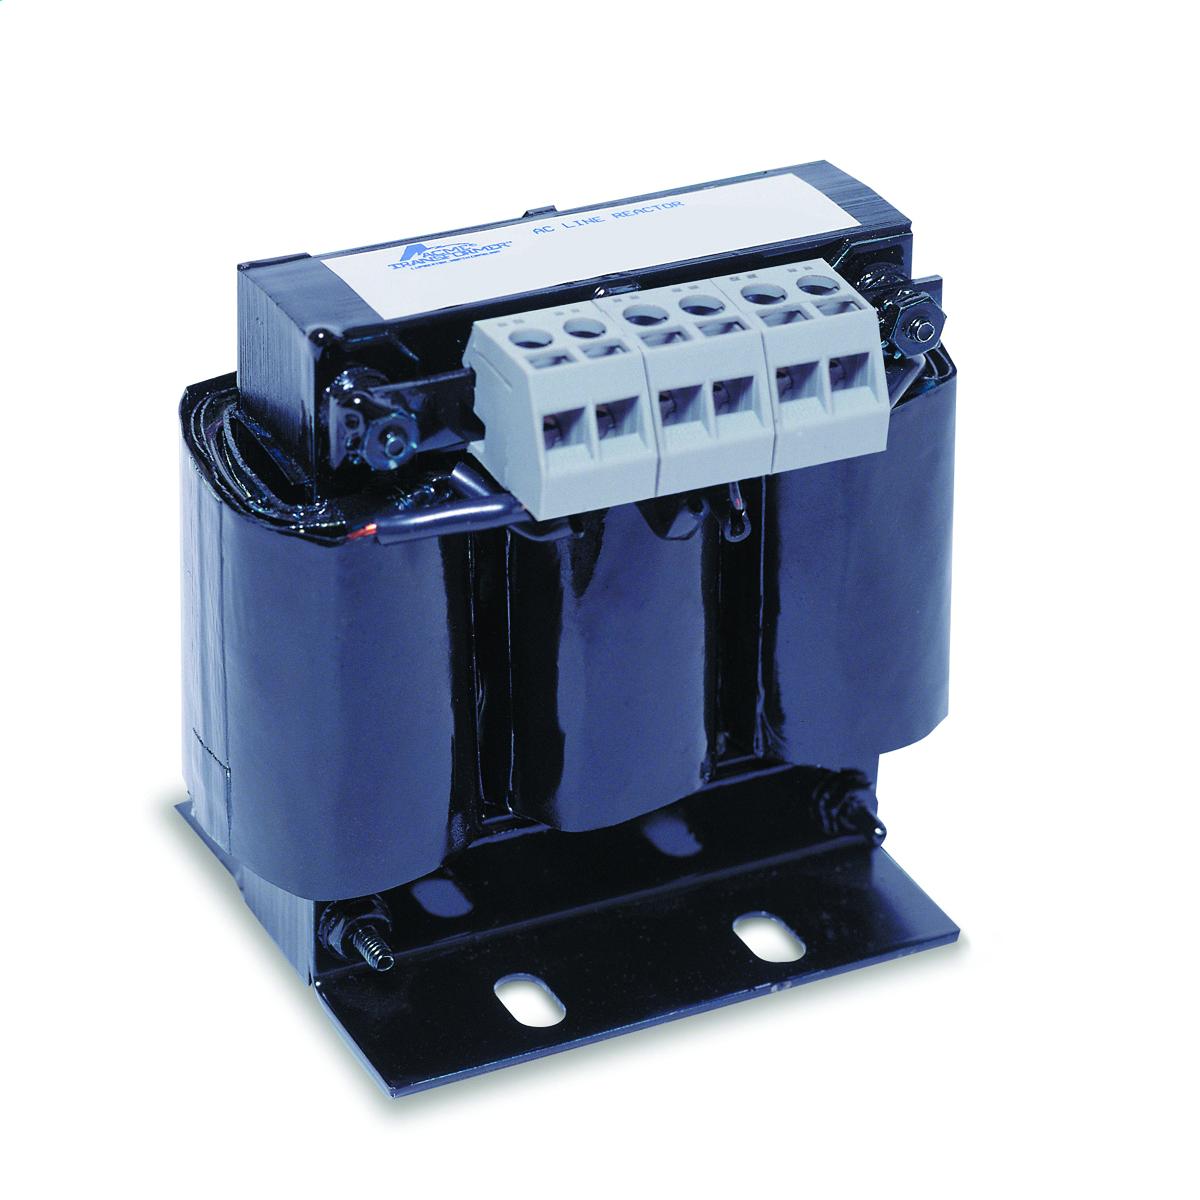 Actuant ALRC006TBC 480 Volt 5 % Impedance 600 Volt 4 % Impedance AC Line Reactor